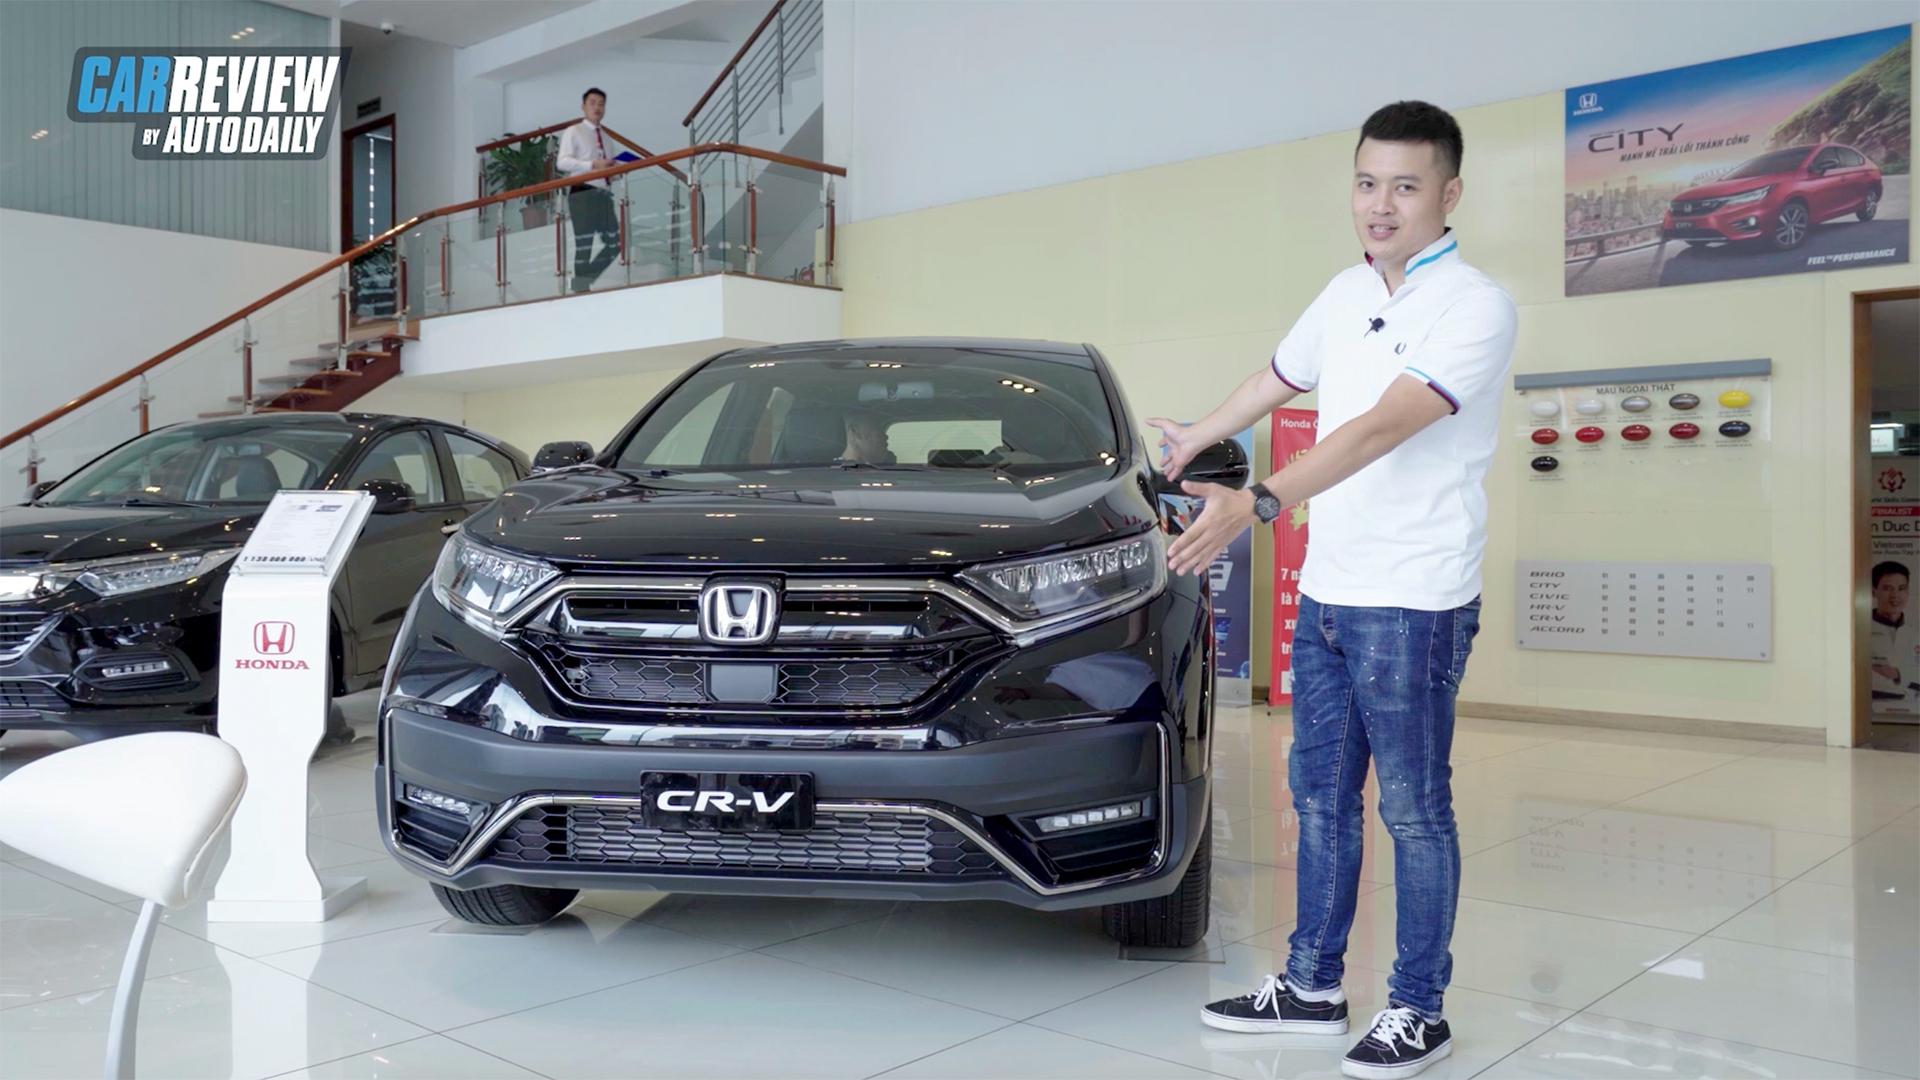 Trải nghiệm nhanh Honda CRV Black Edition giá 1,138 tỷ đồng - HÀNG NÓNG vừa về đại lý